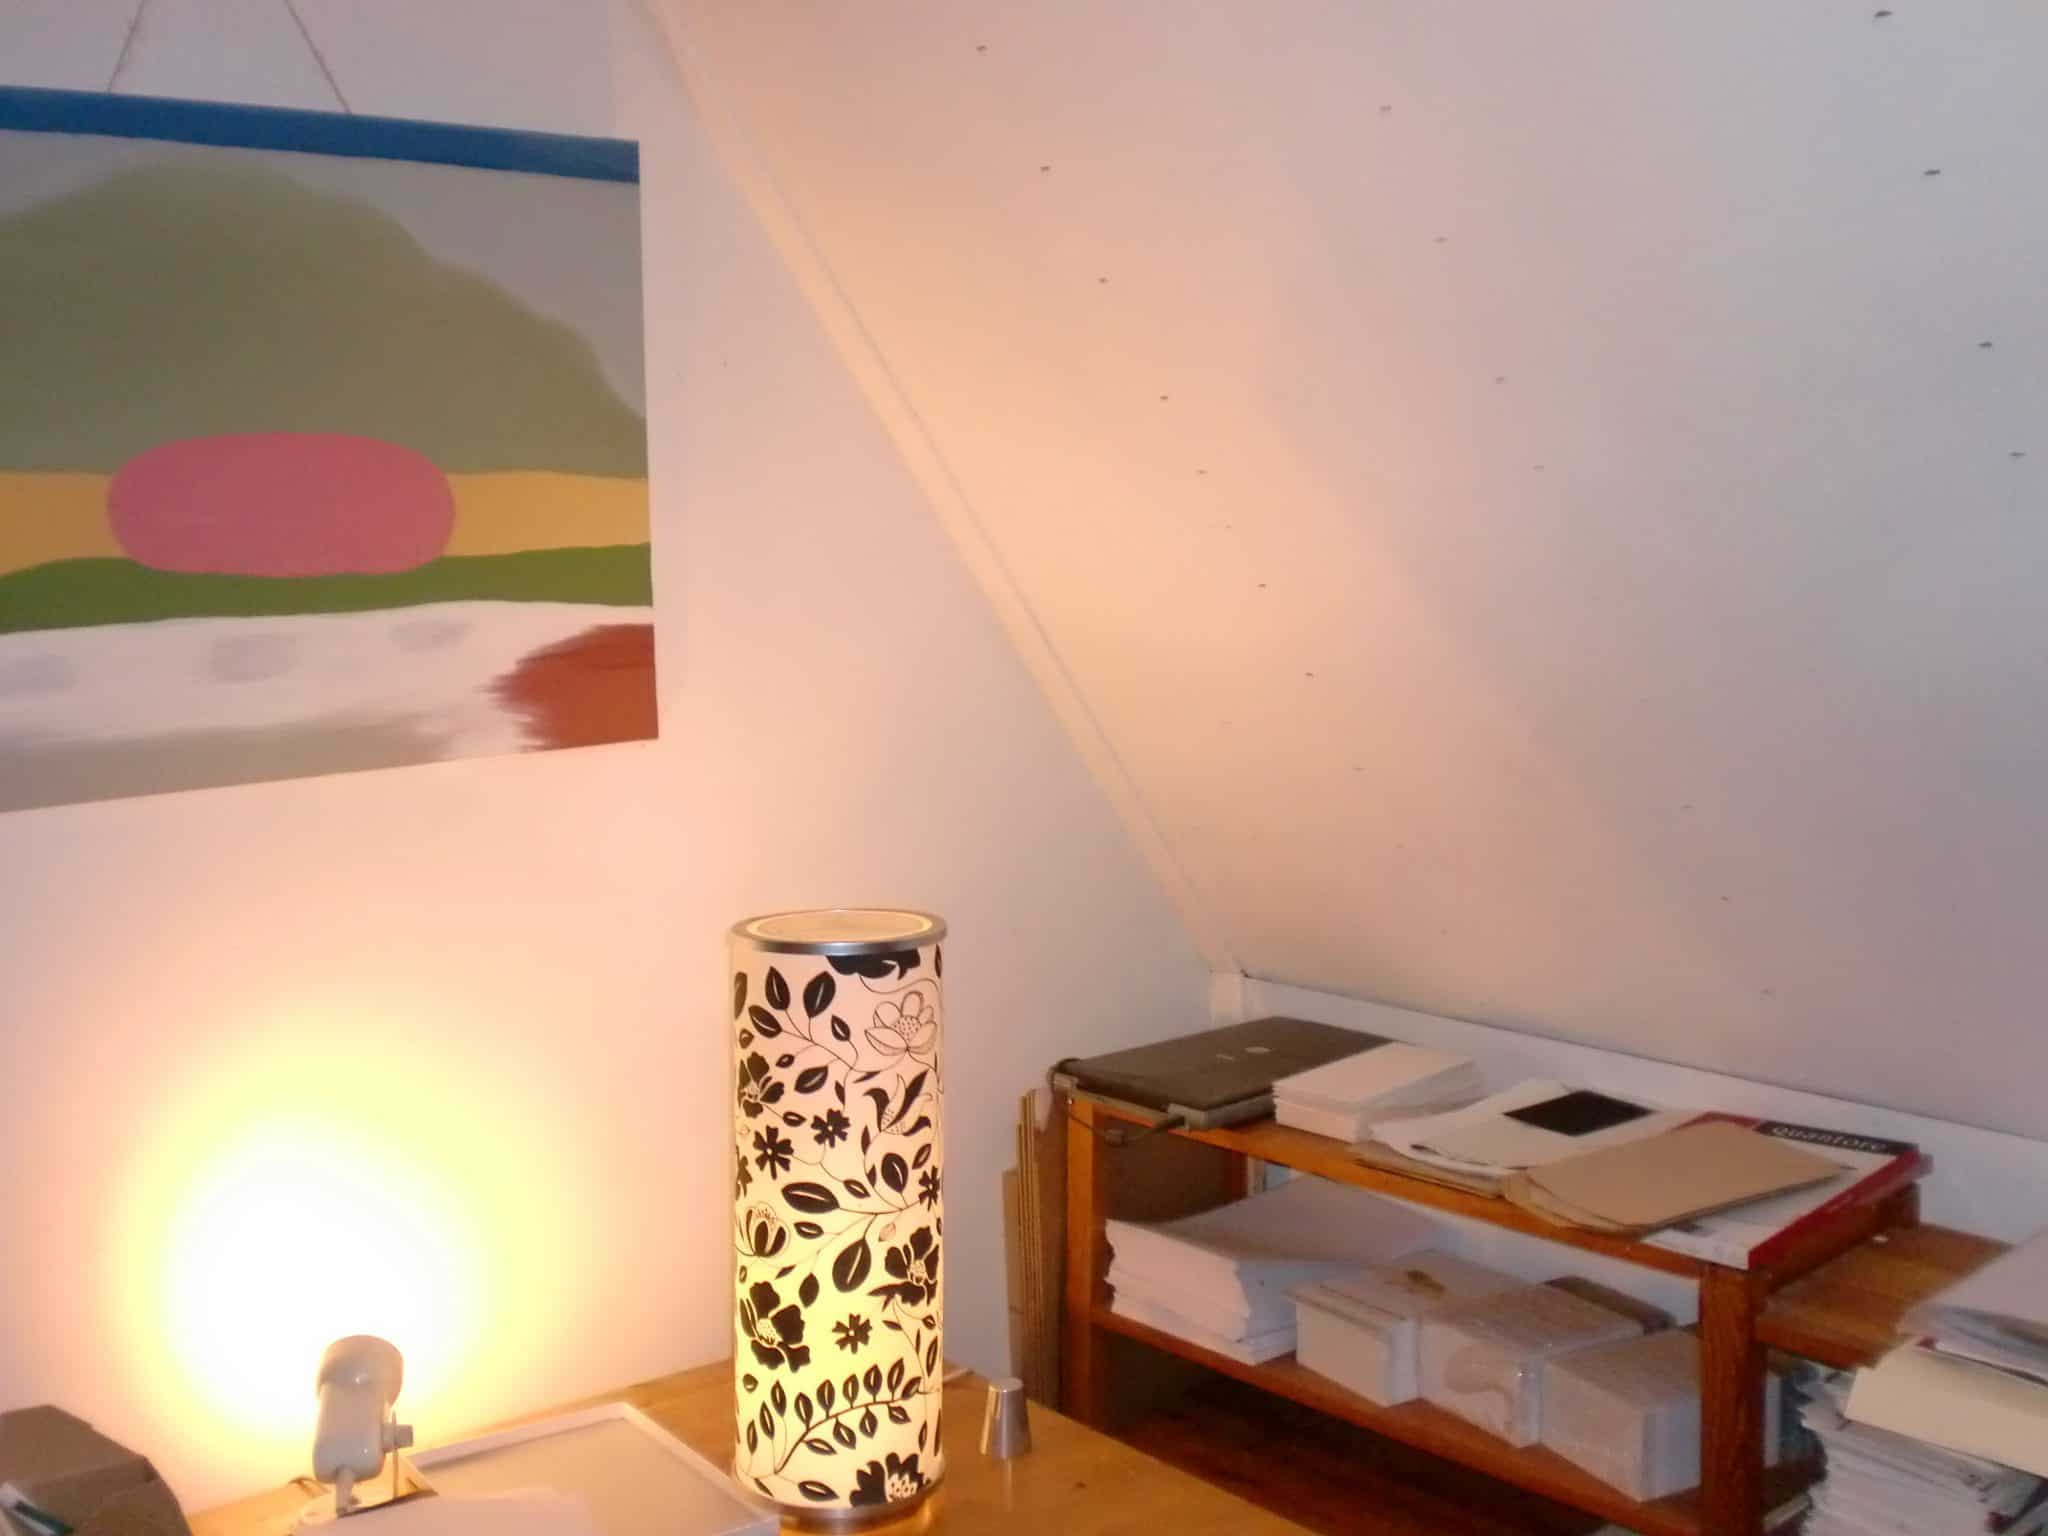 Muurverf moose f rg heeft een matte lichtuitstraling en geeft sfeer - Kamer schilderij ...